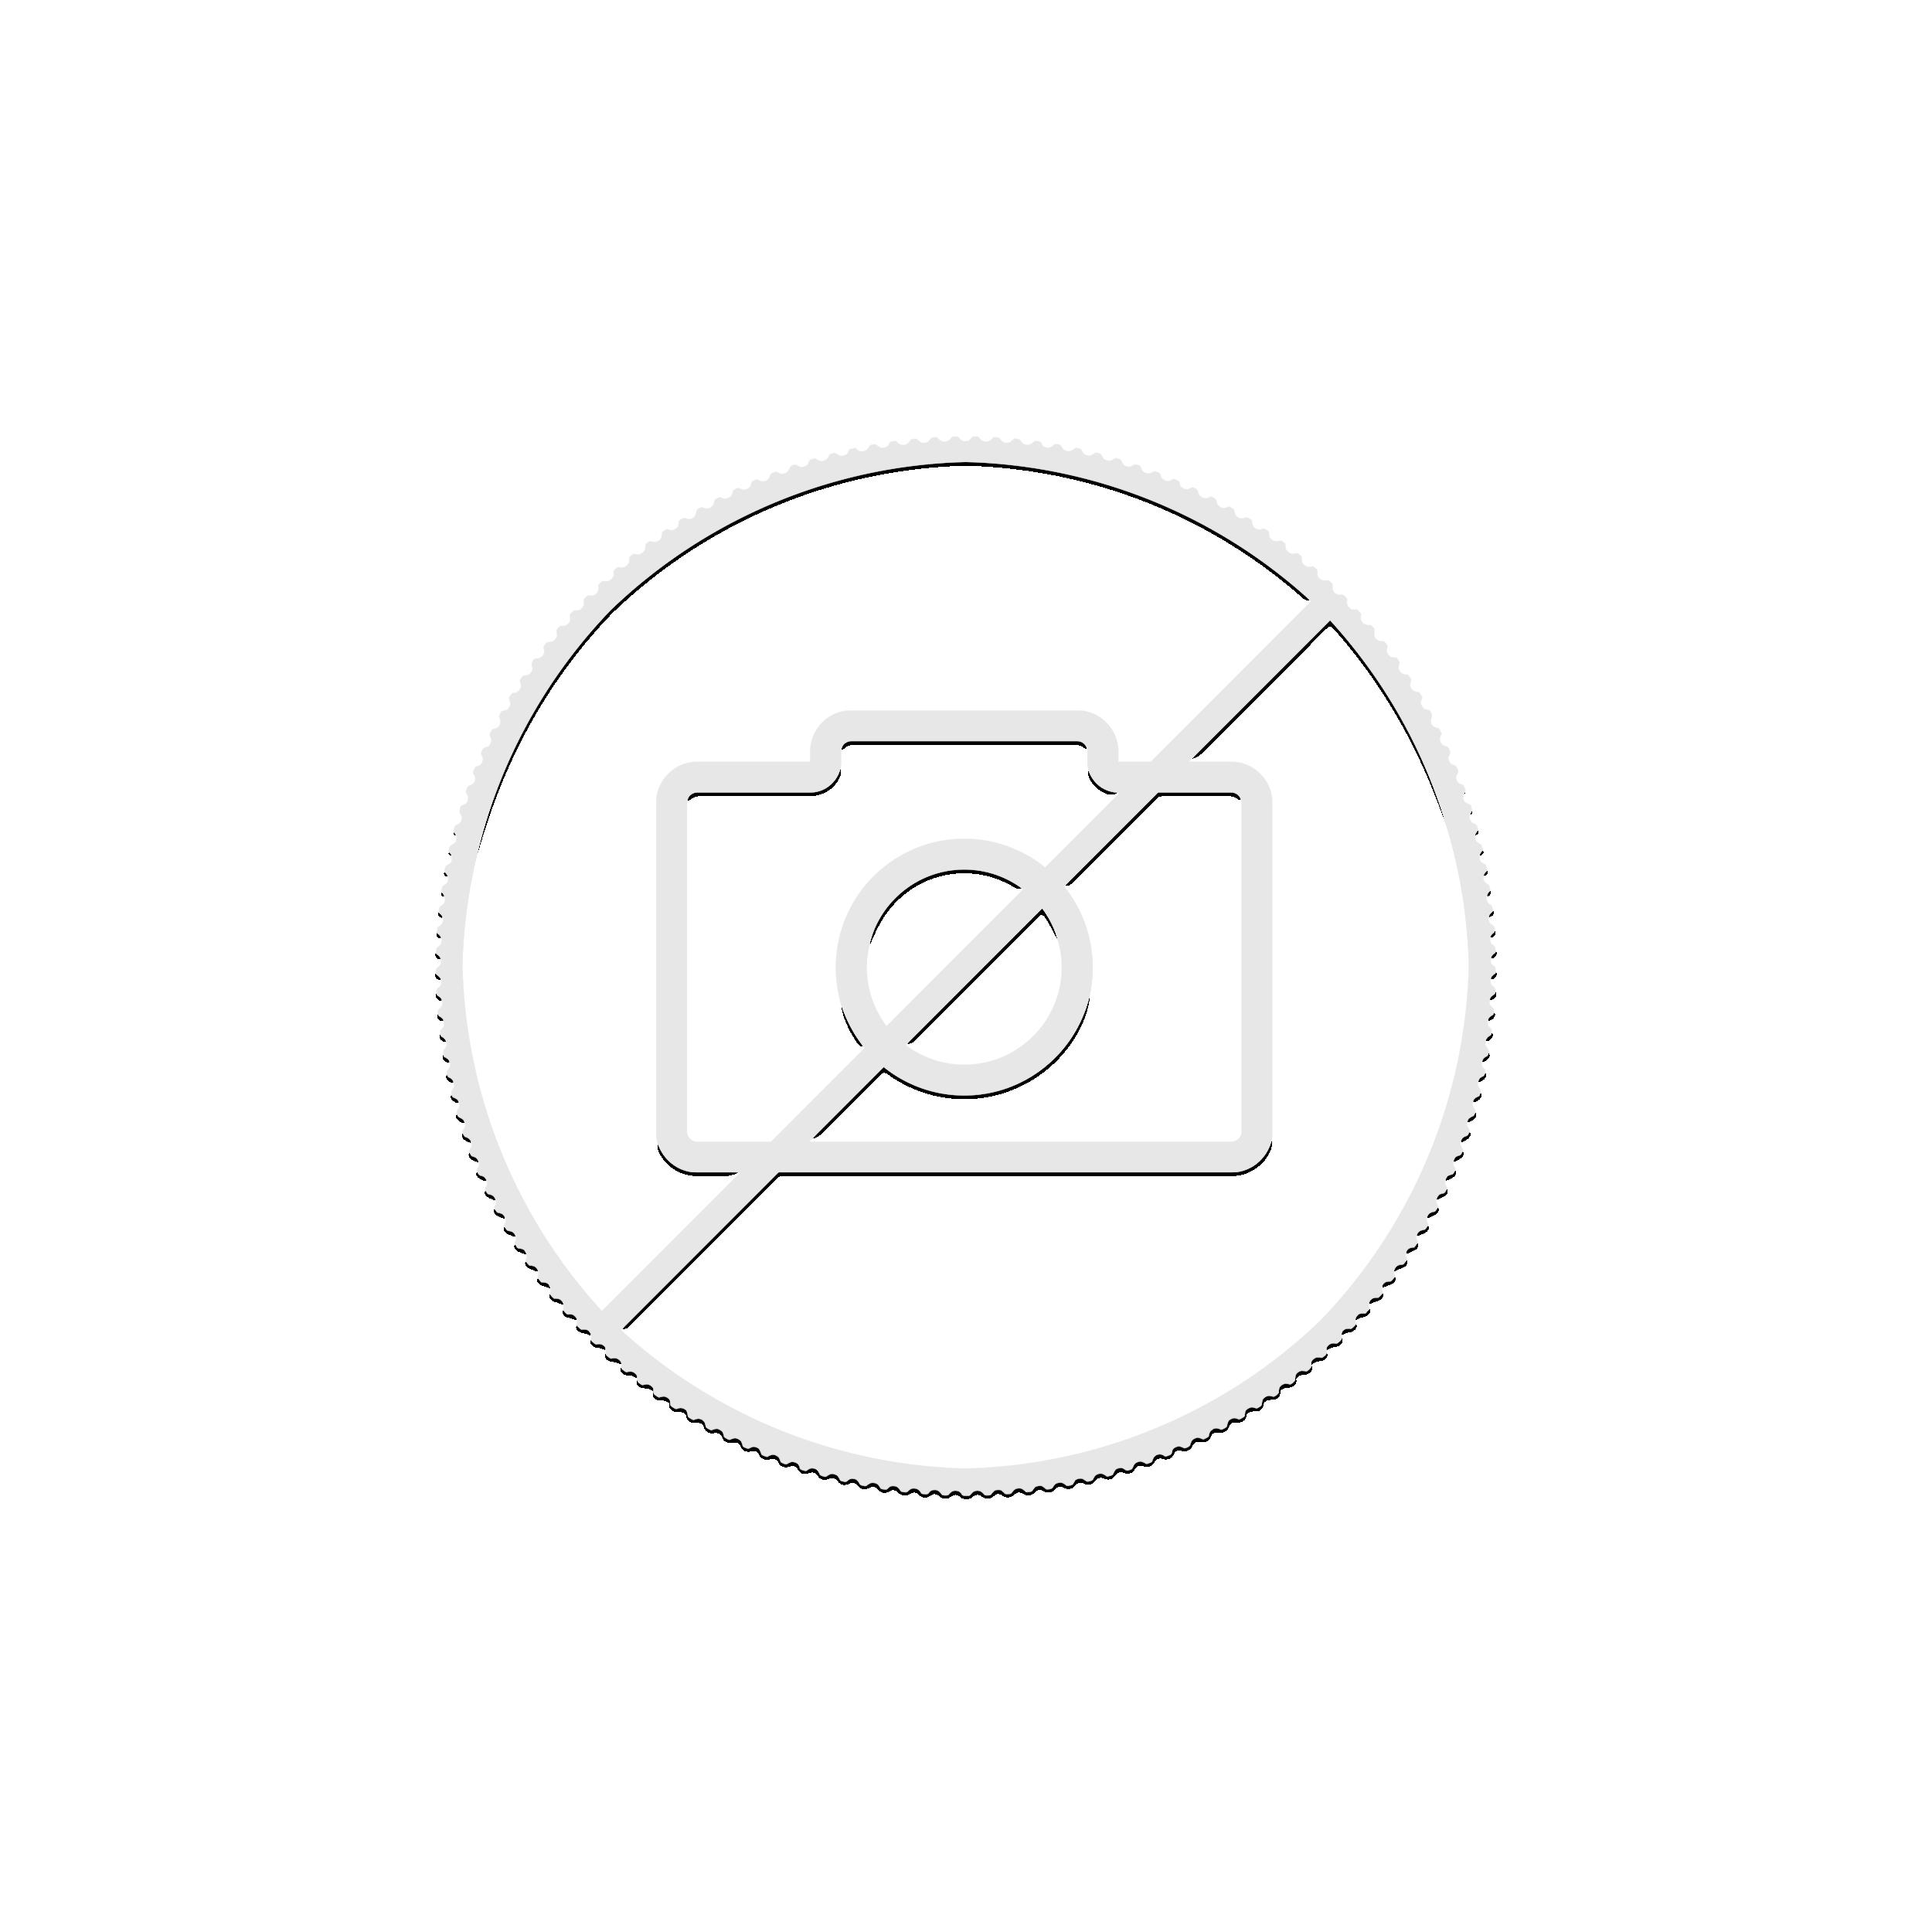 1/4 Troy ounce gold coin Lunar 2003